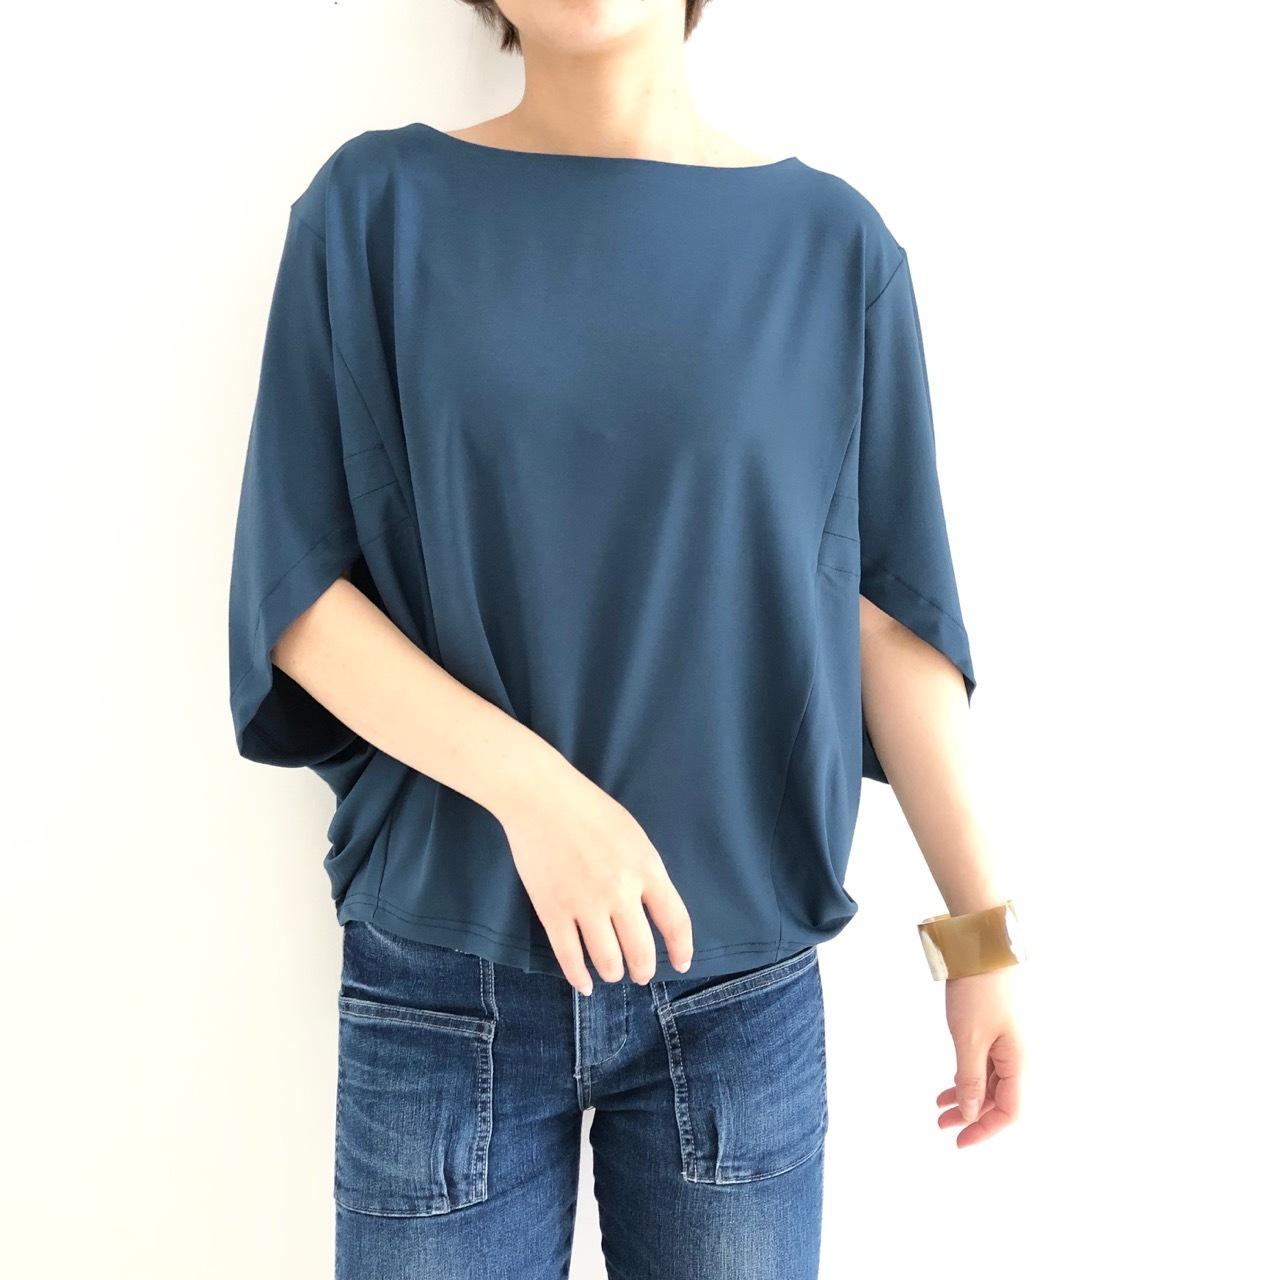 【 ROSIEE 】- 500242 - ドルマンスリーブTeeシャツ